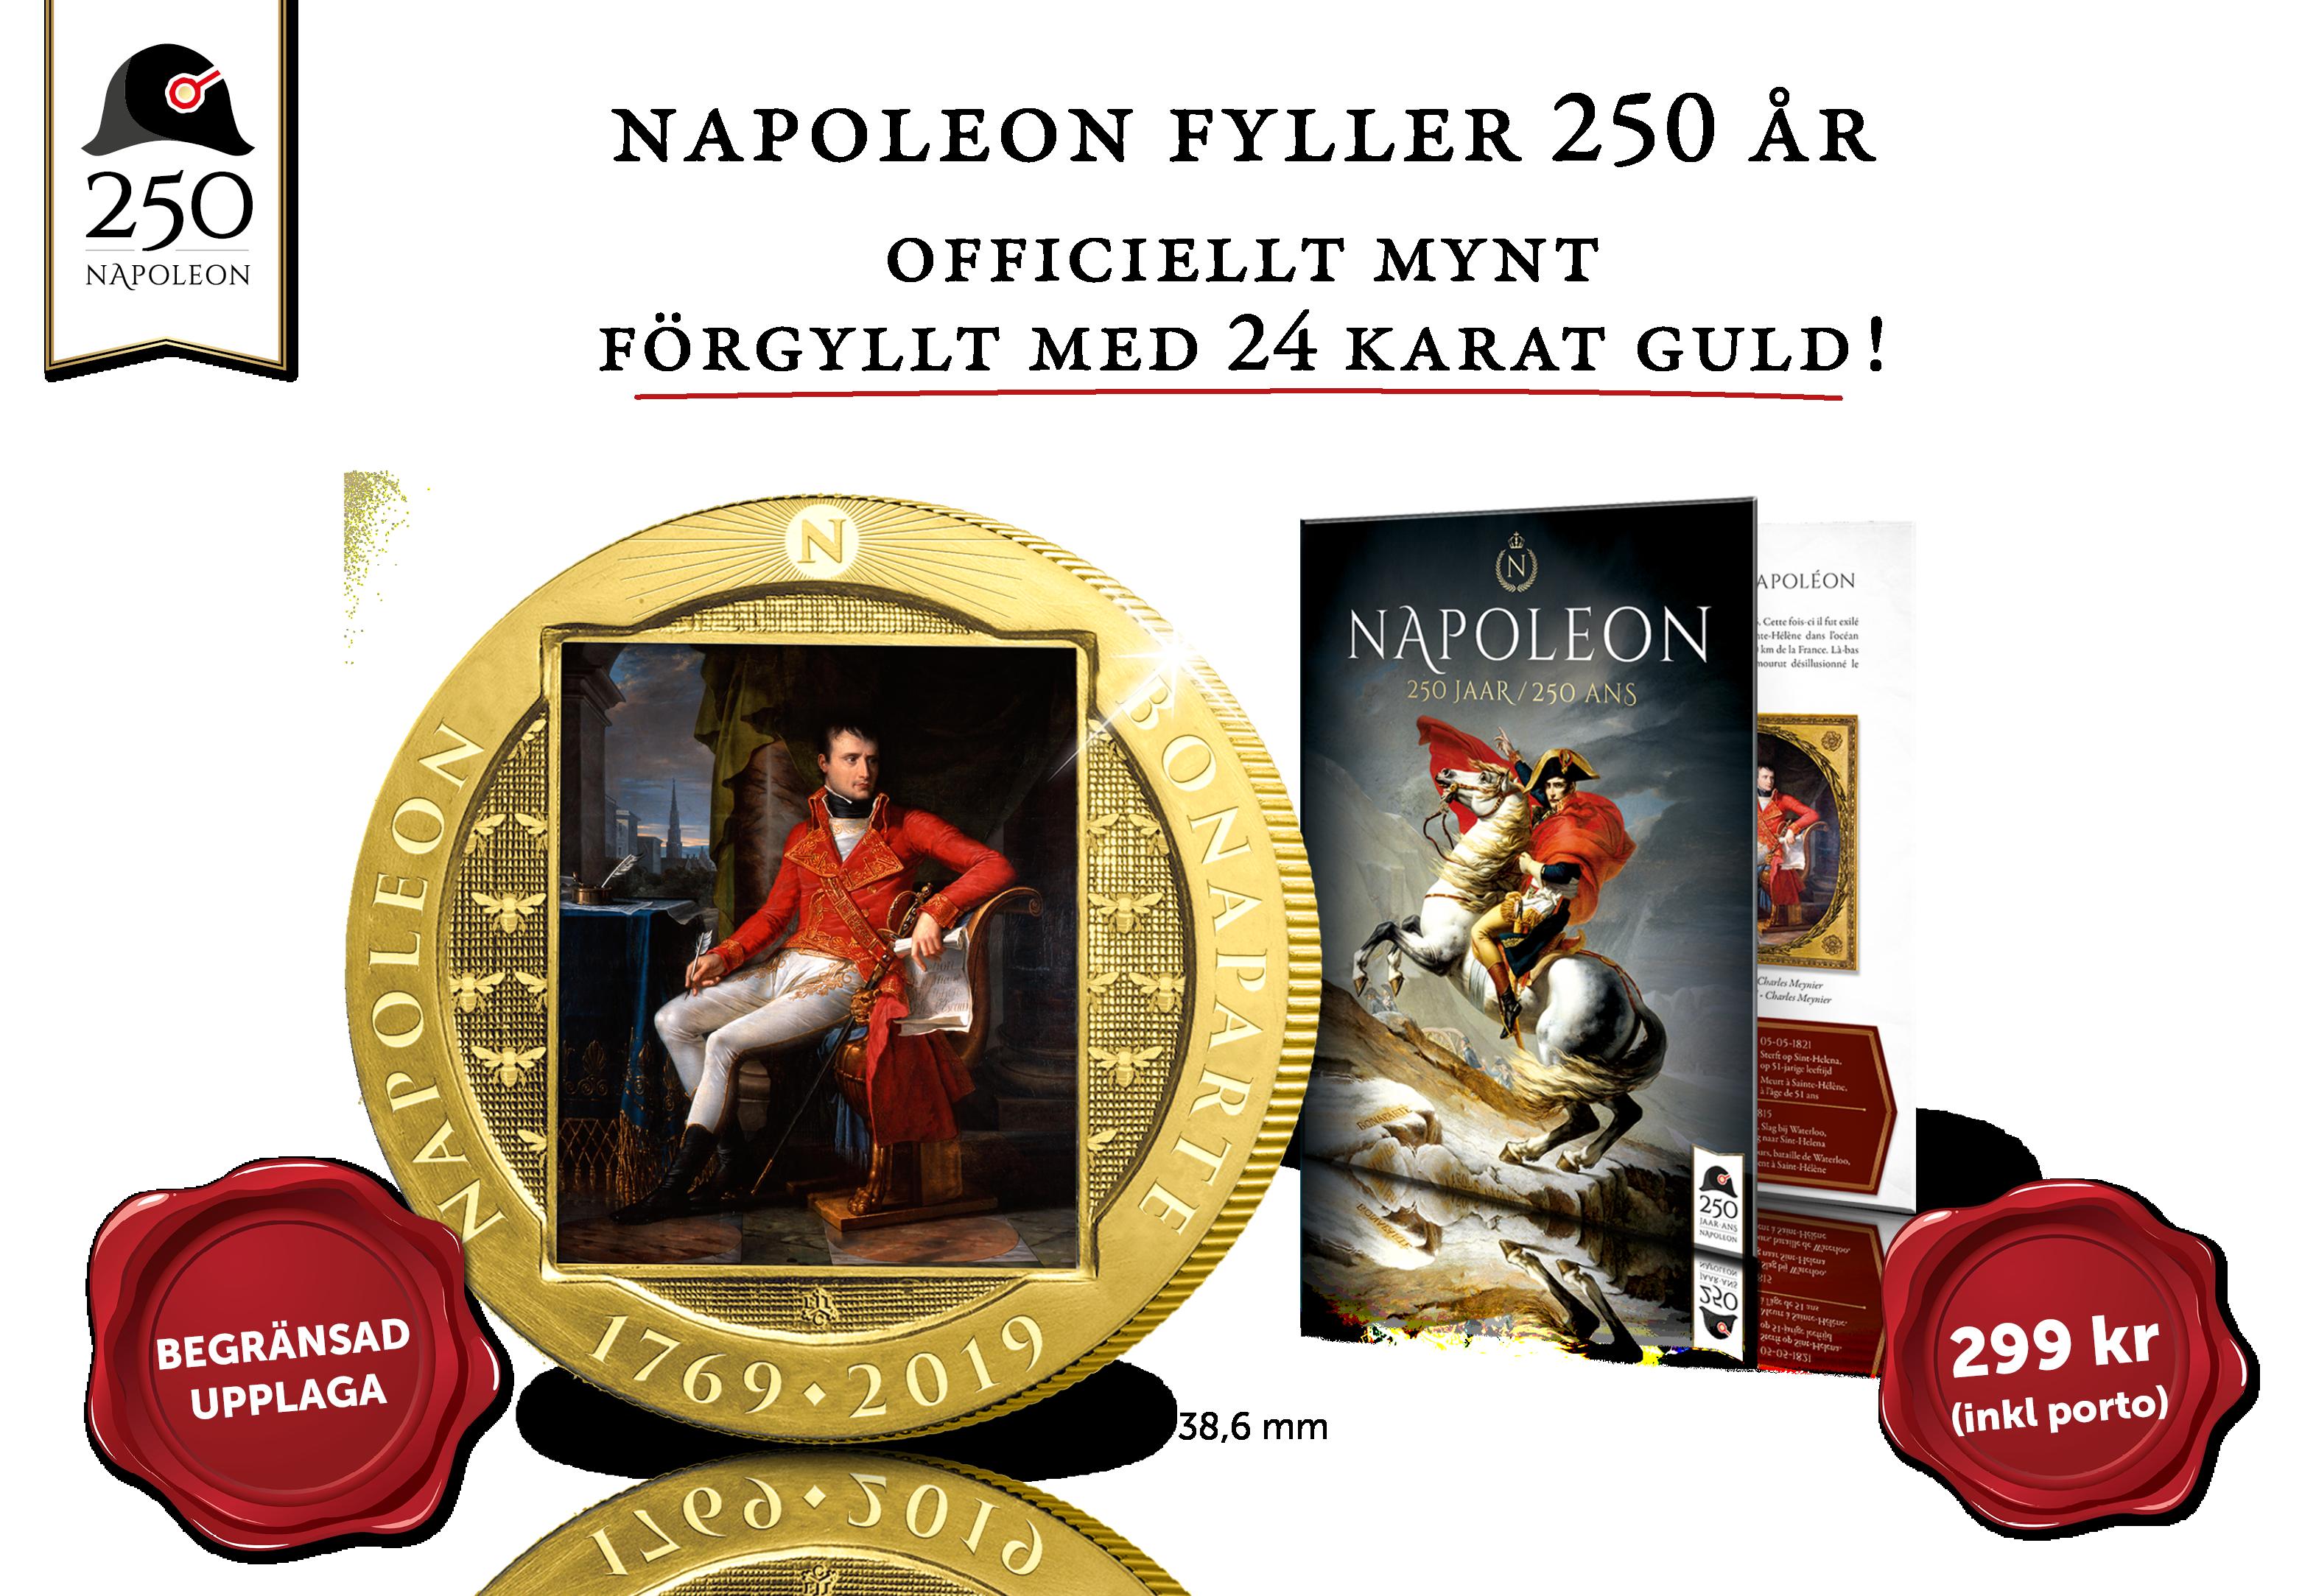 Napoleon fyller hela 250 år